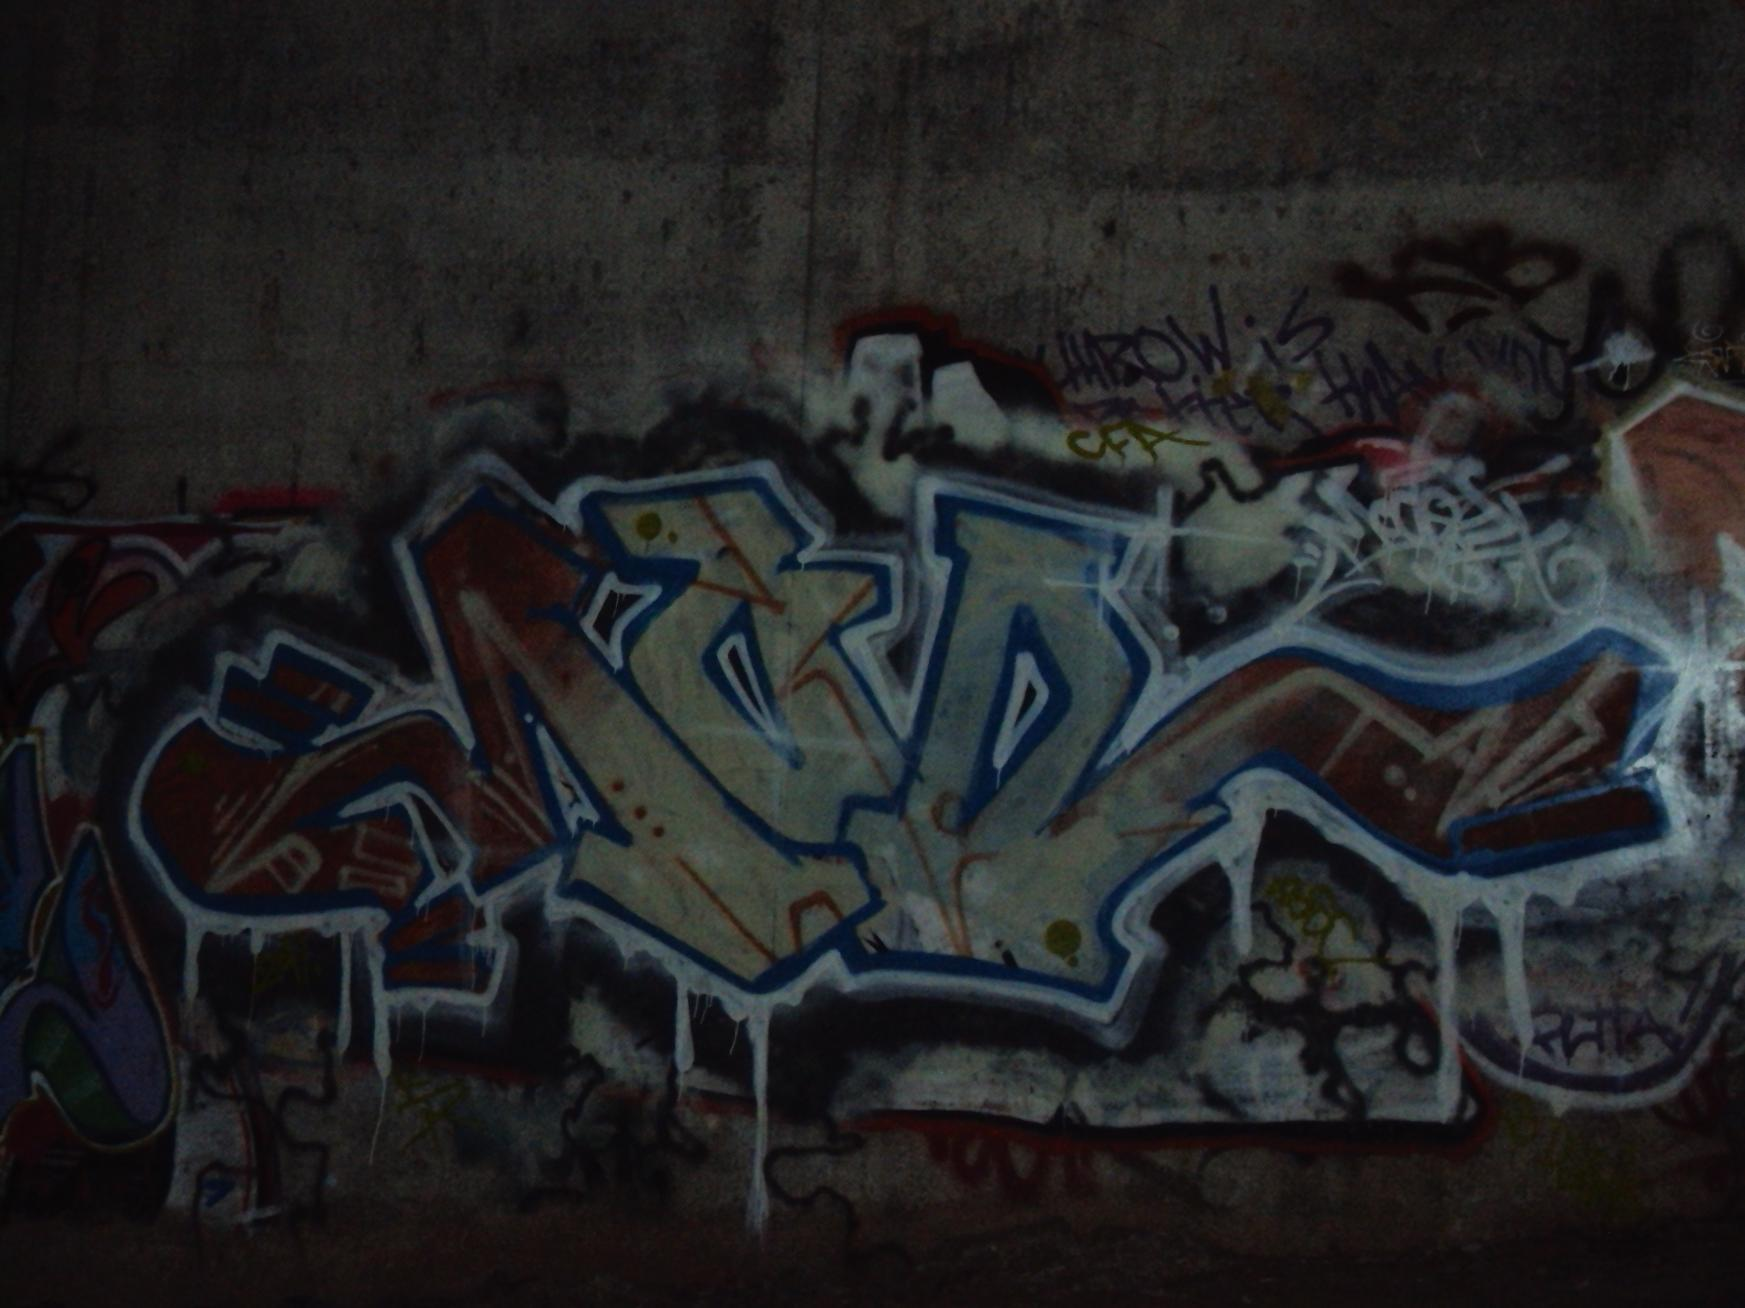 Aaphotos 824.jpg